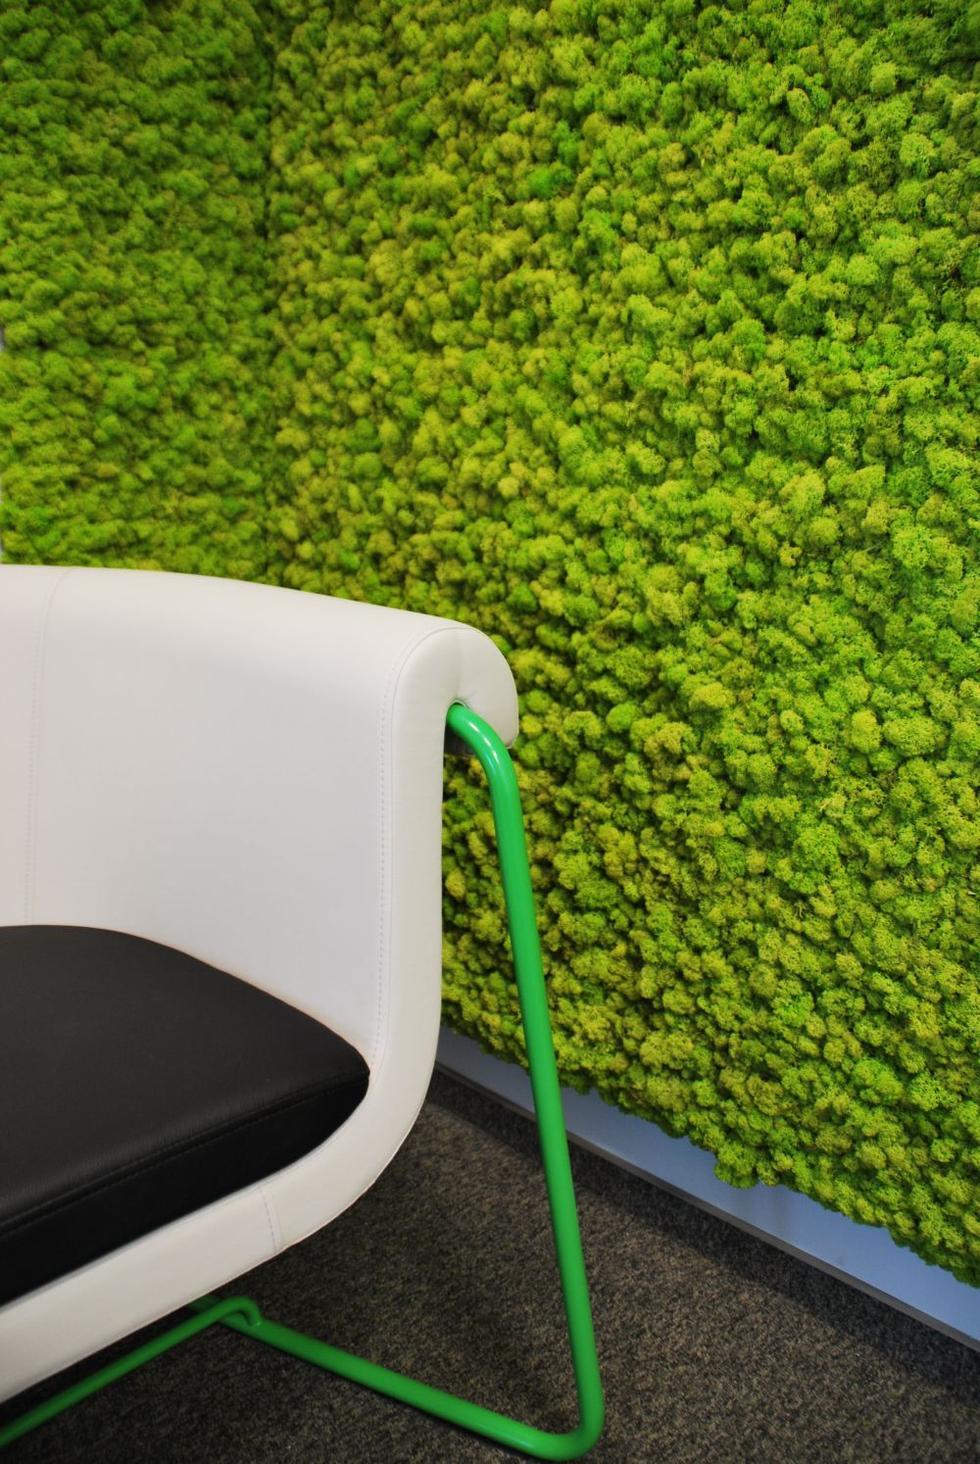 Zielone Sciany Do Kazdego Wnetrza Architektura Murator